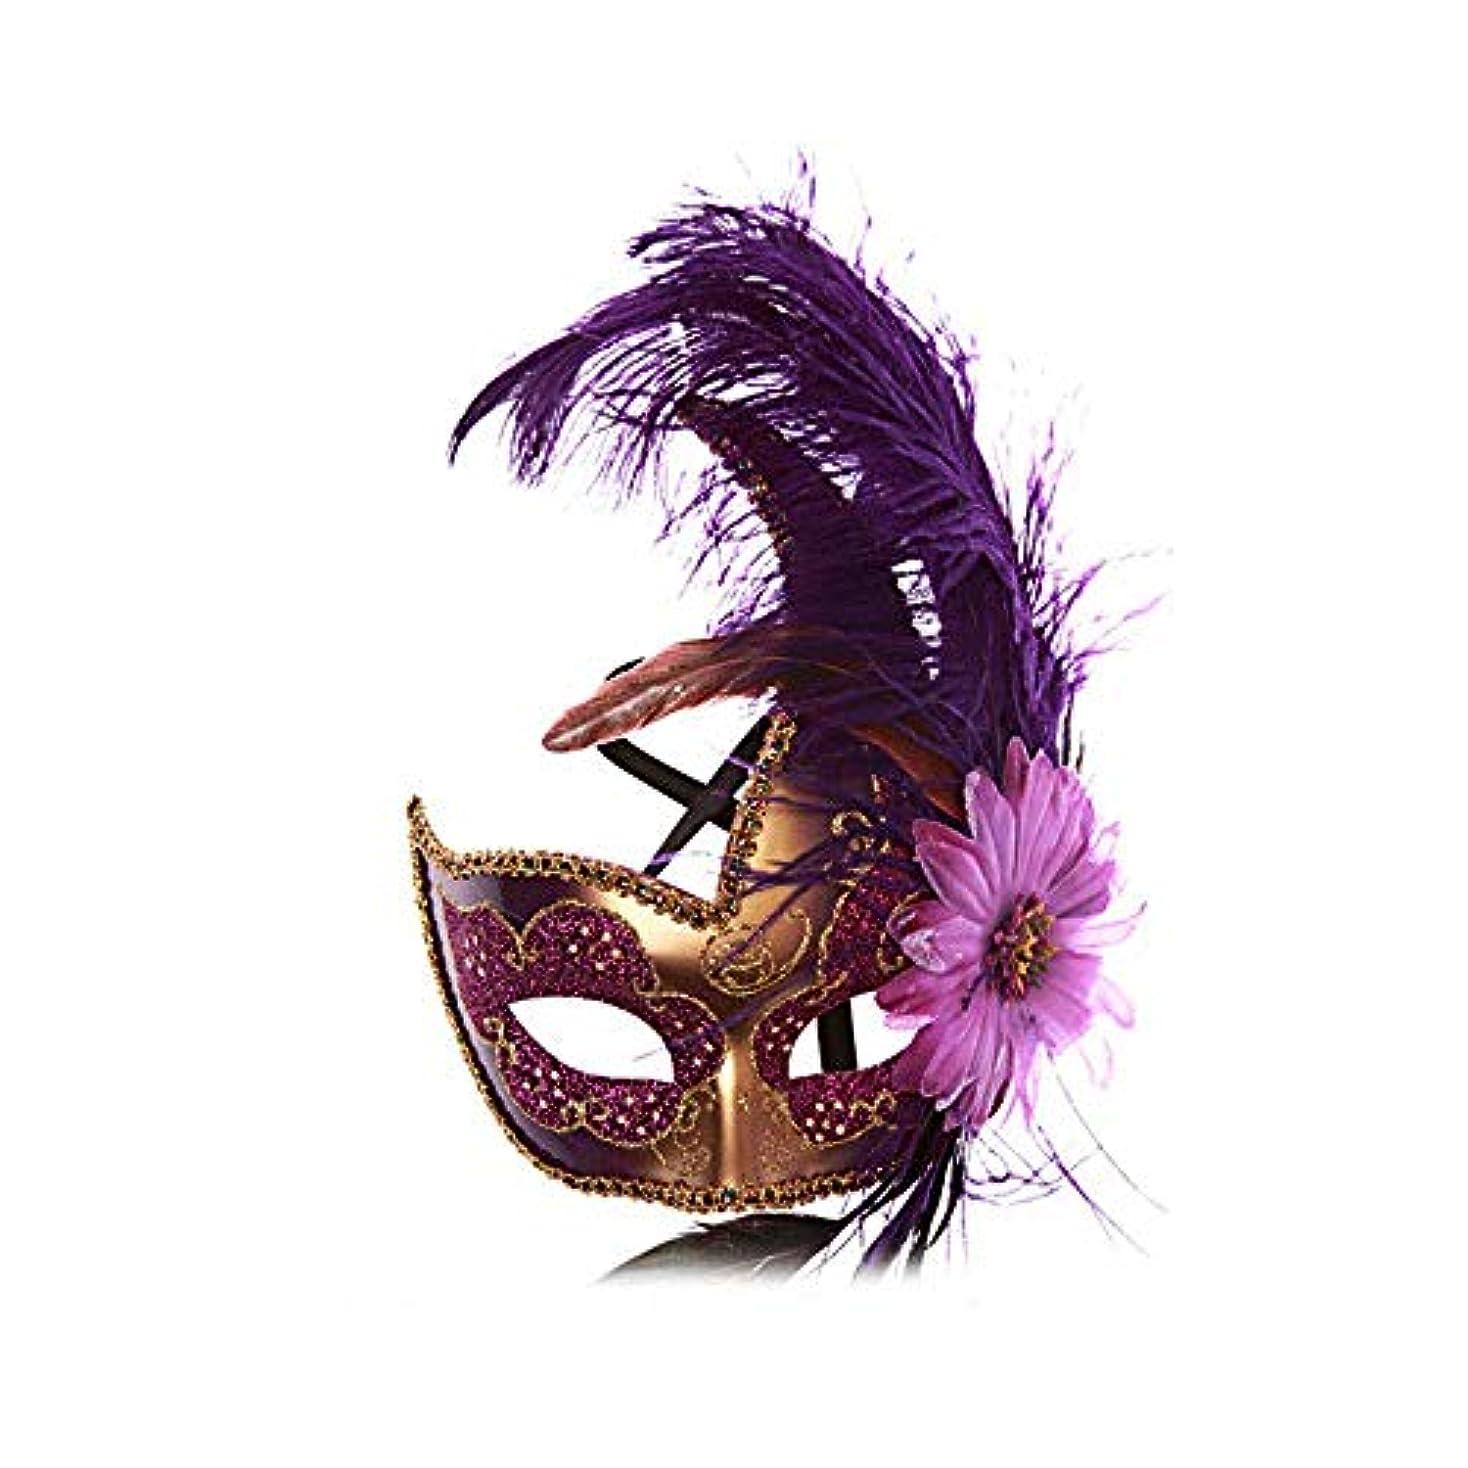 祖母ジョリースパイNanle ハロウィンマスクハーフフェザーマスクベニスプリンセスマスク美容レース仮面ライダーコスプレ (色 : Style B purple)